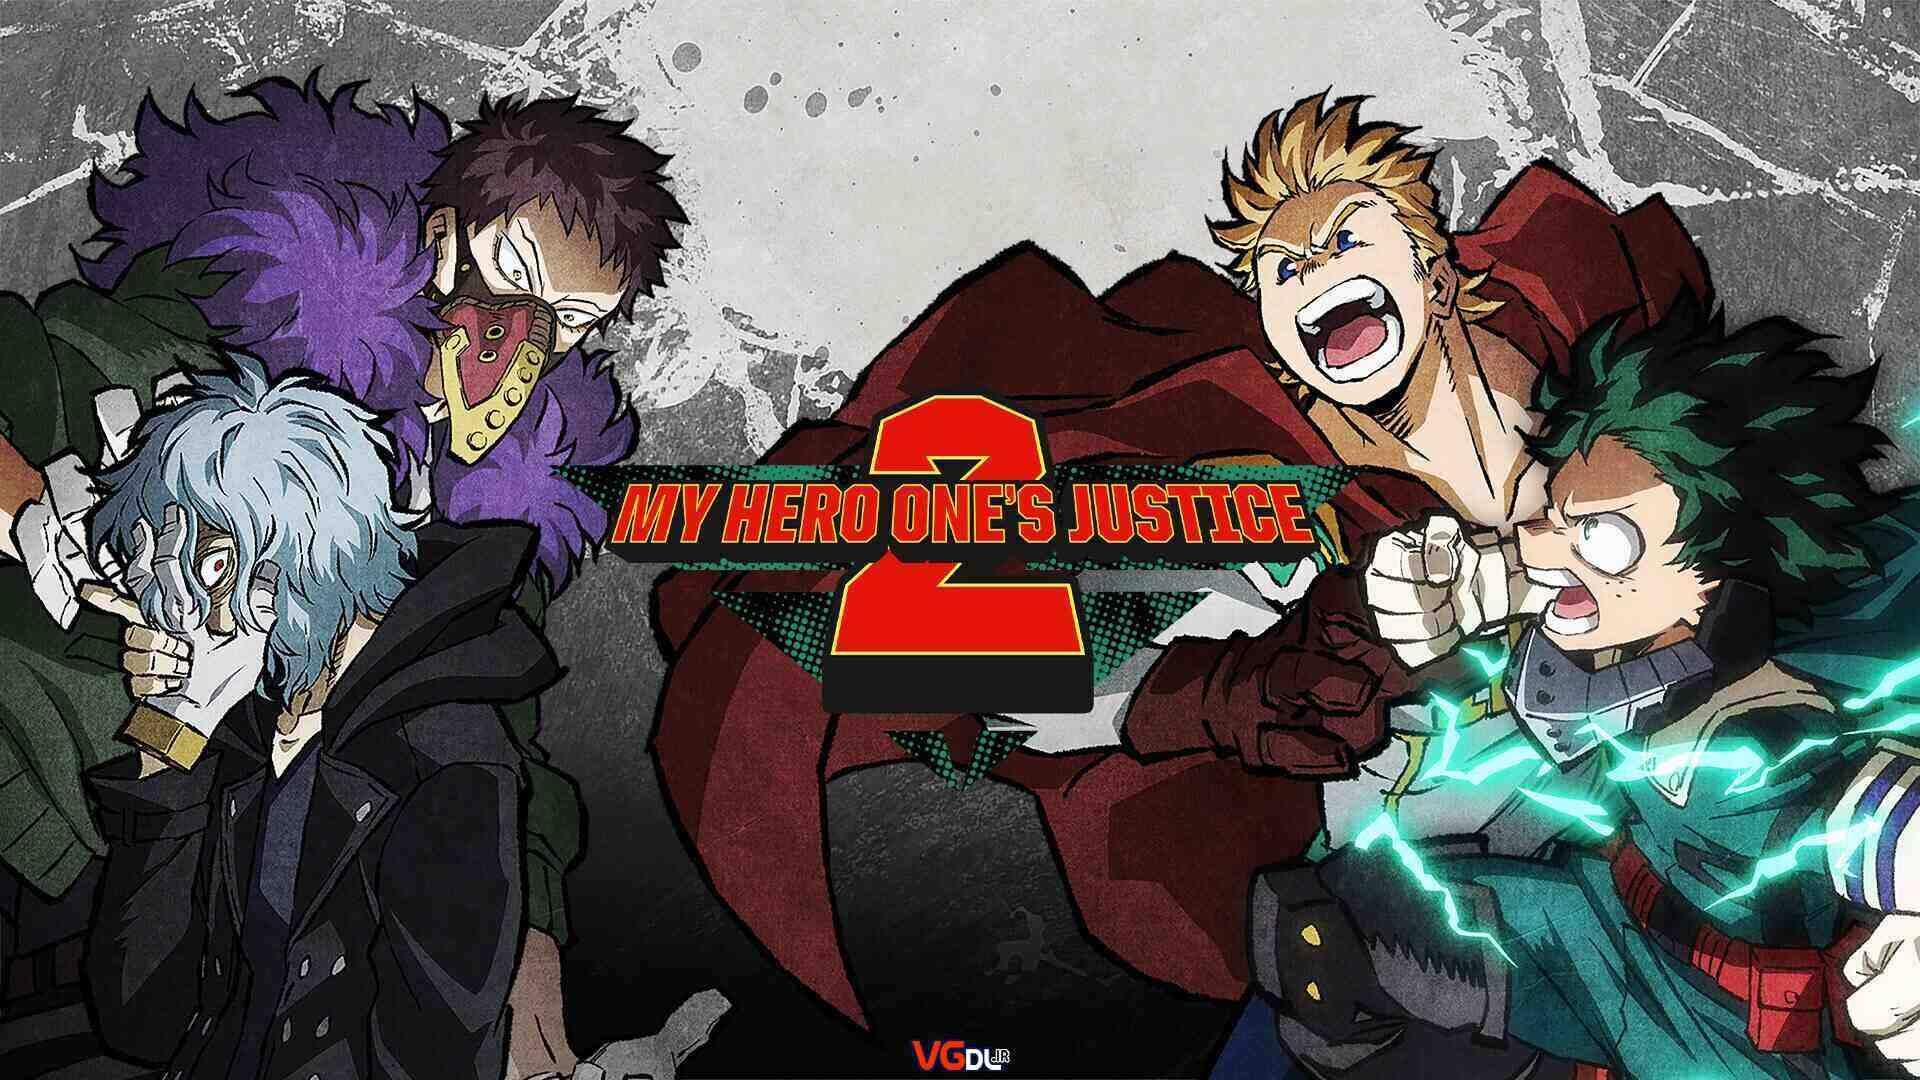 دانلود بازی My Hero Ones Justice 2